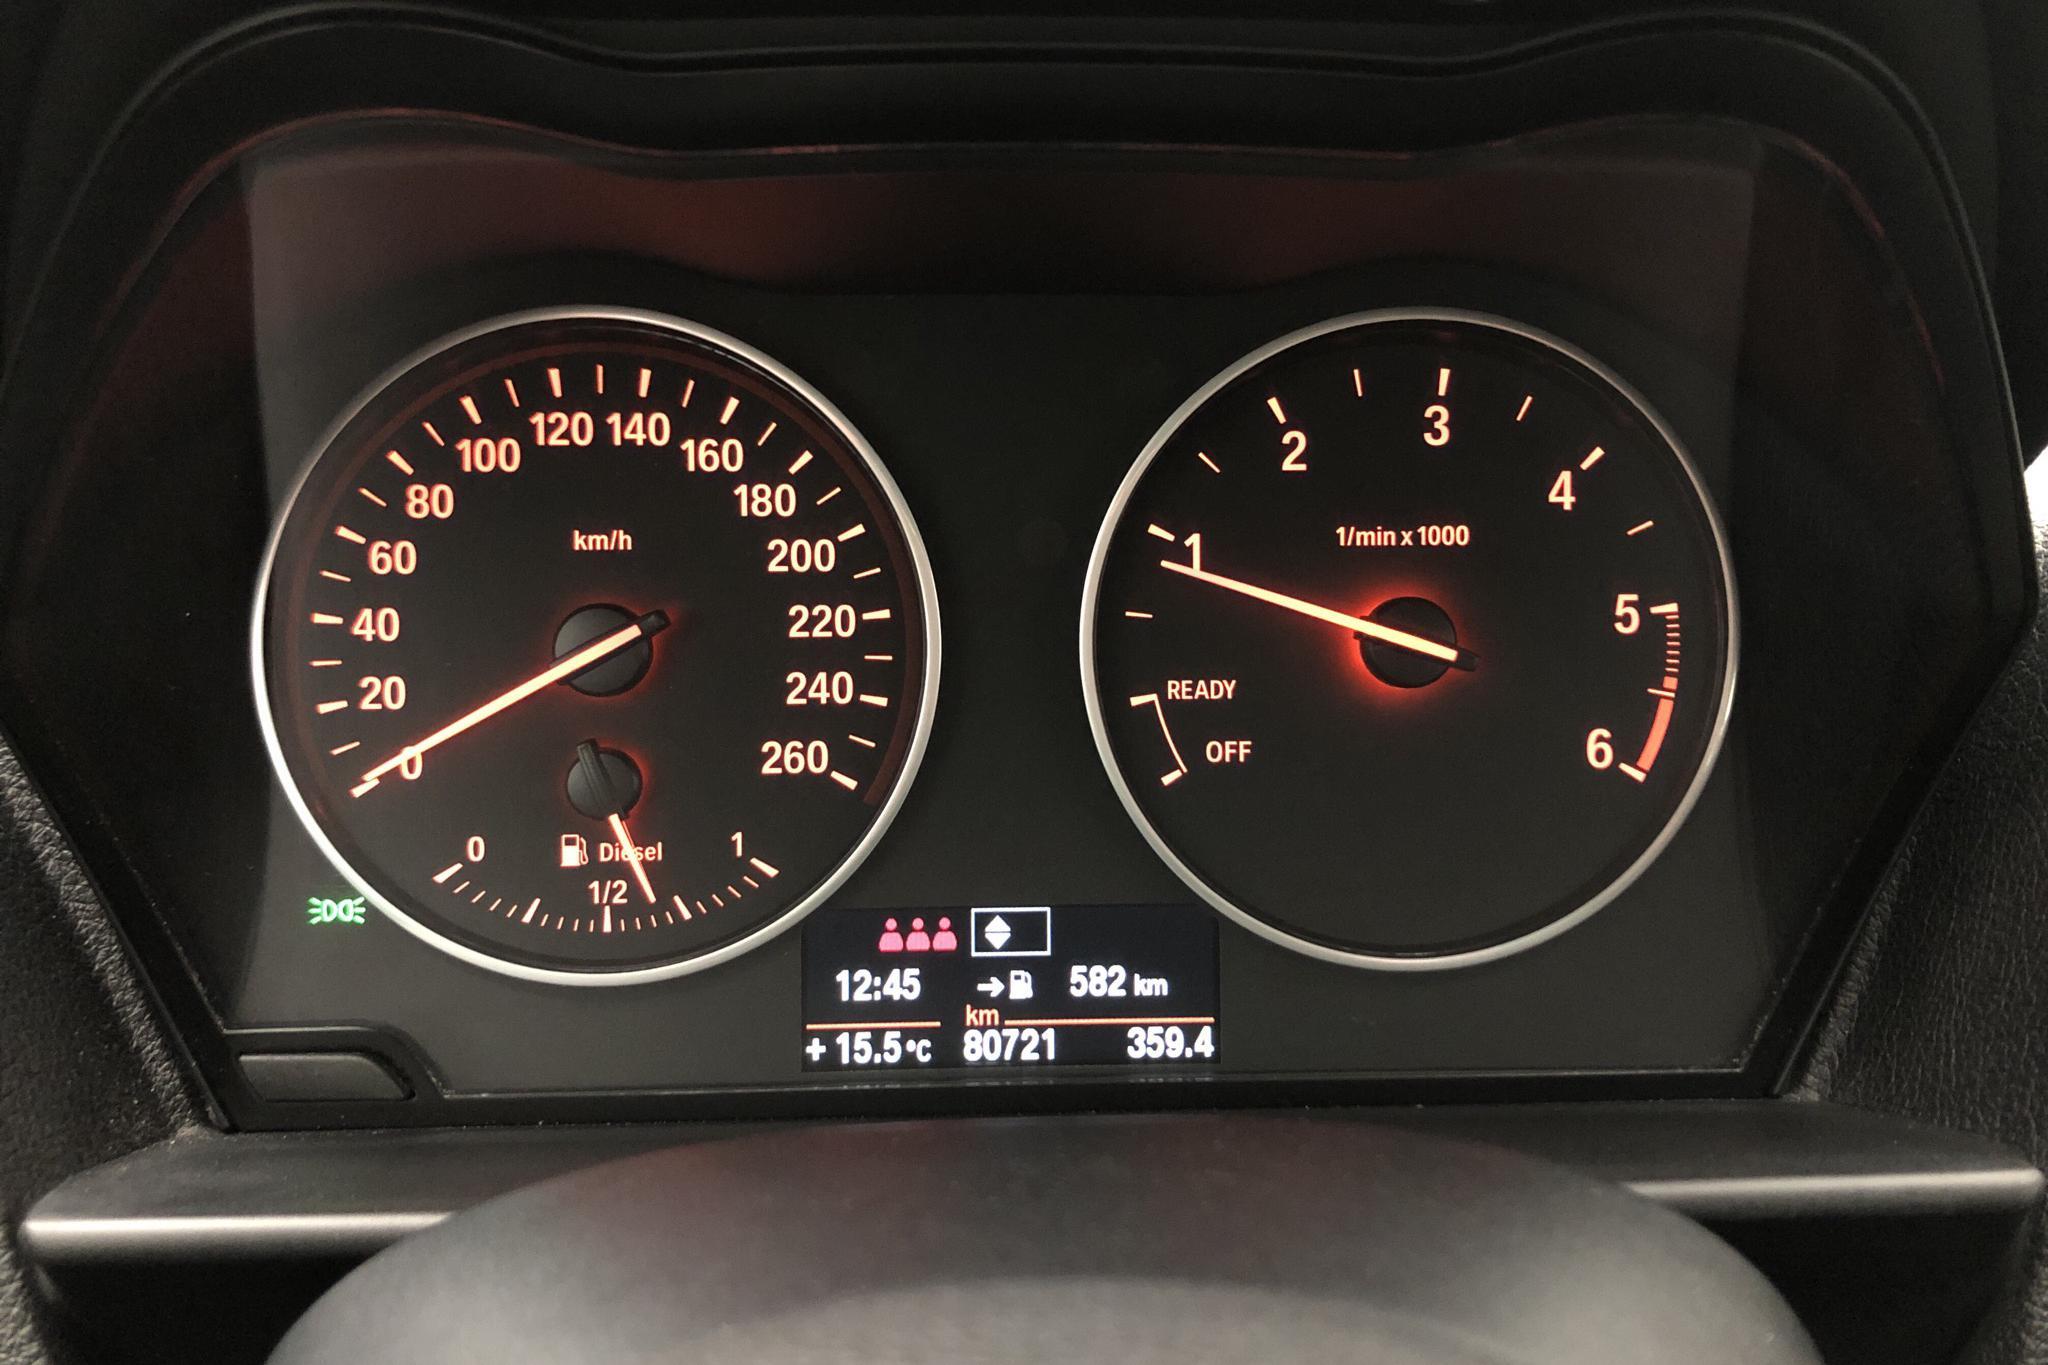 BMW 118d 5dr, F20 (143hk) - 80 710 km - Manual - white - 2012